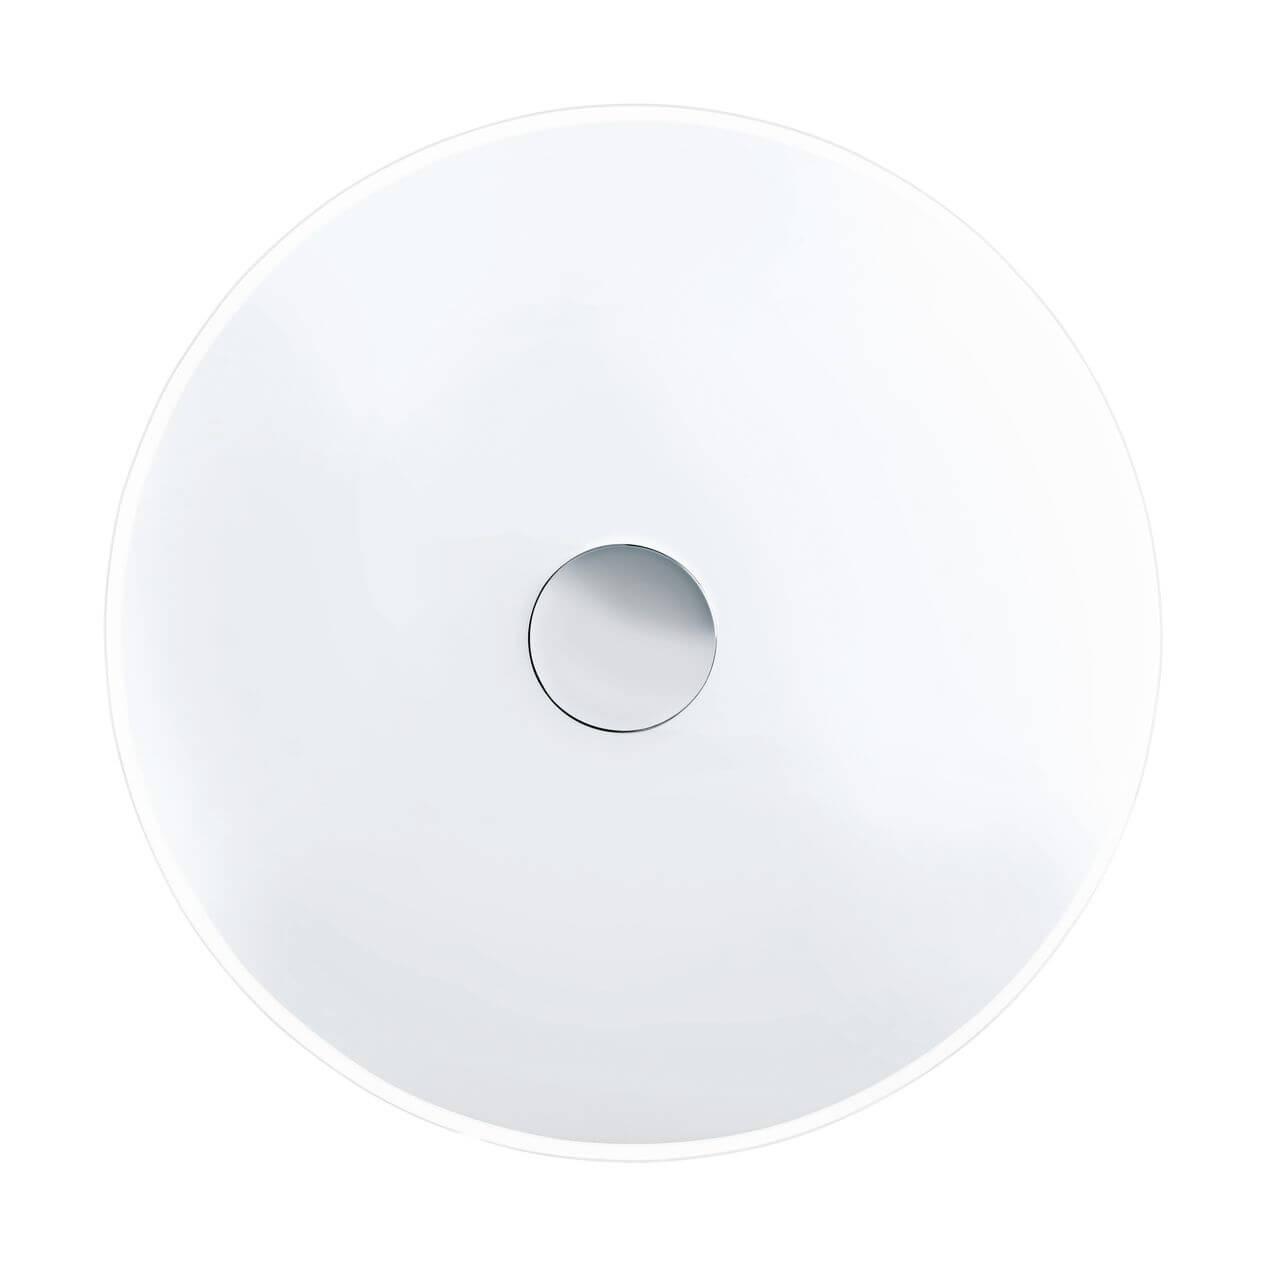 Потолочный светильник Eglo Nube 91246 светильник eglo nube el 91246